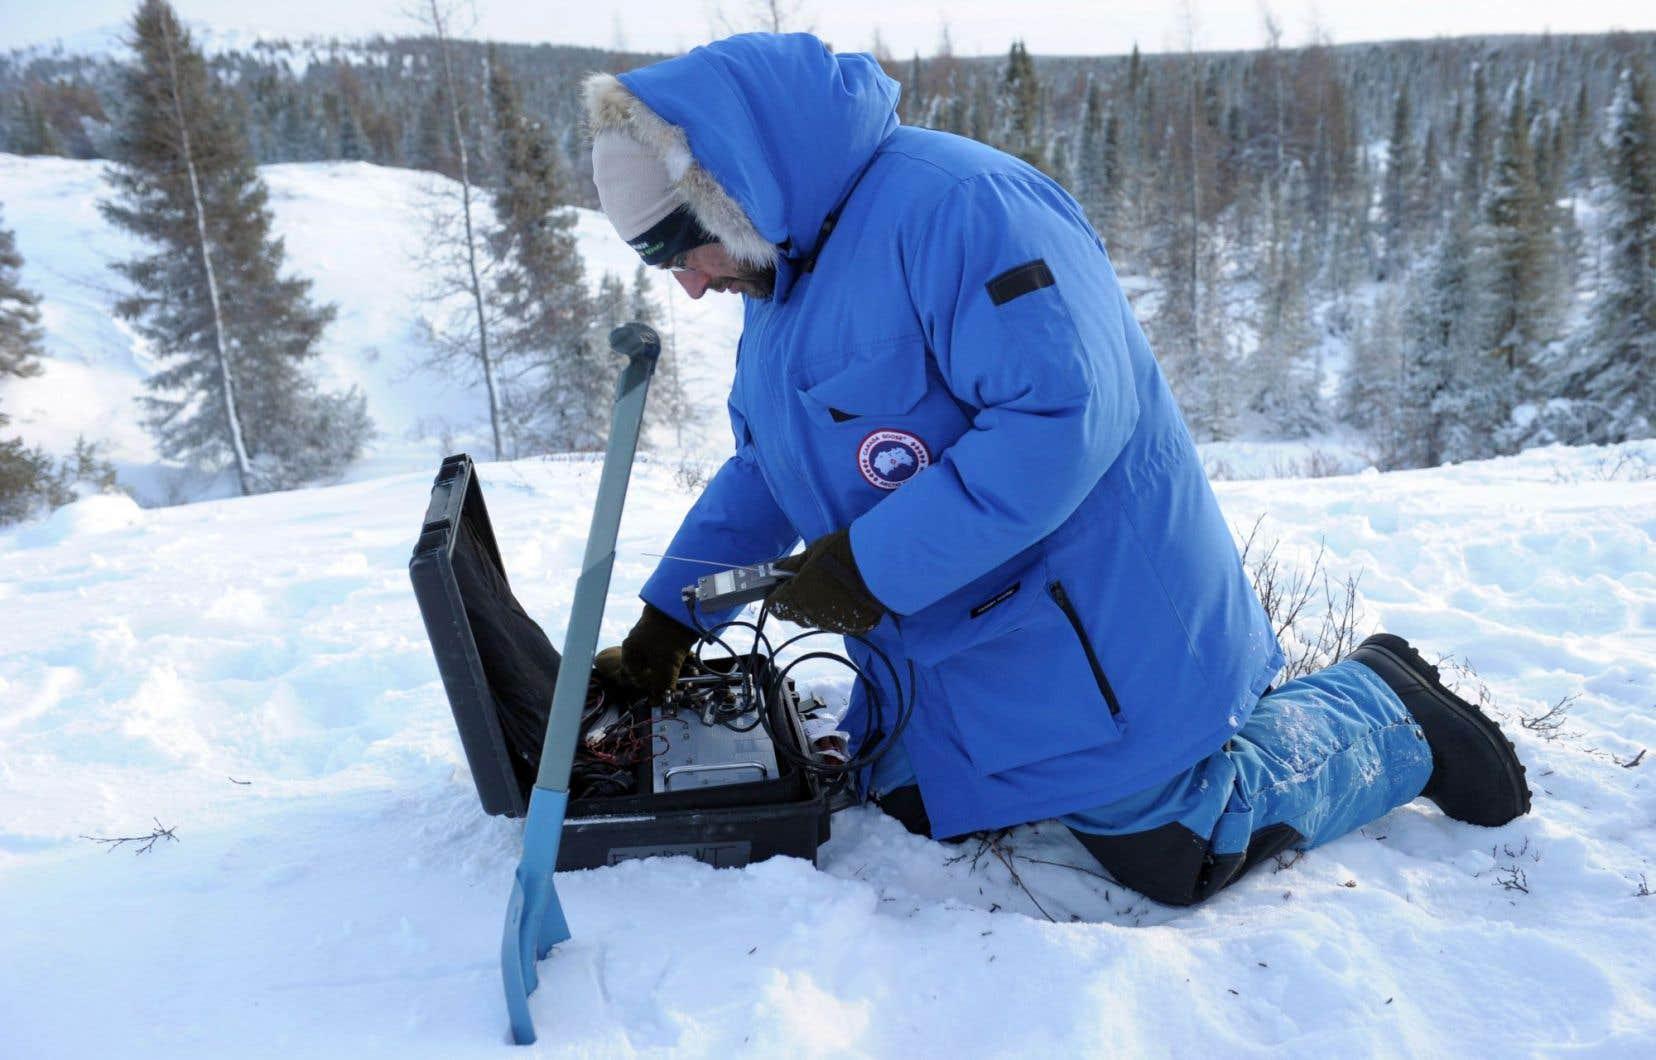 Le pergélisol, qui représente 10millions de km2, pourrait commencer à dégeler à partir d'un réchauffement du globe de 1,5°C. Ci-dessus, le scientifique français Florent Dominé, en mission d'étude du pergélisol près de Kuujjuarapik, dans le nord du Québec.